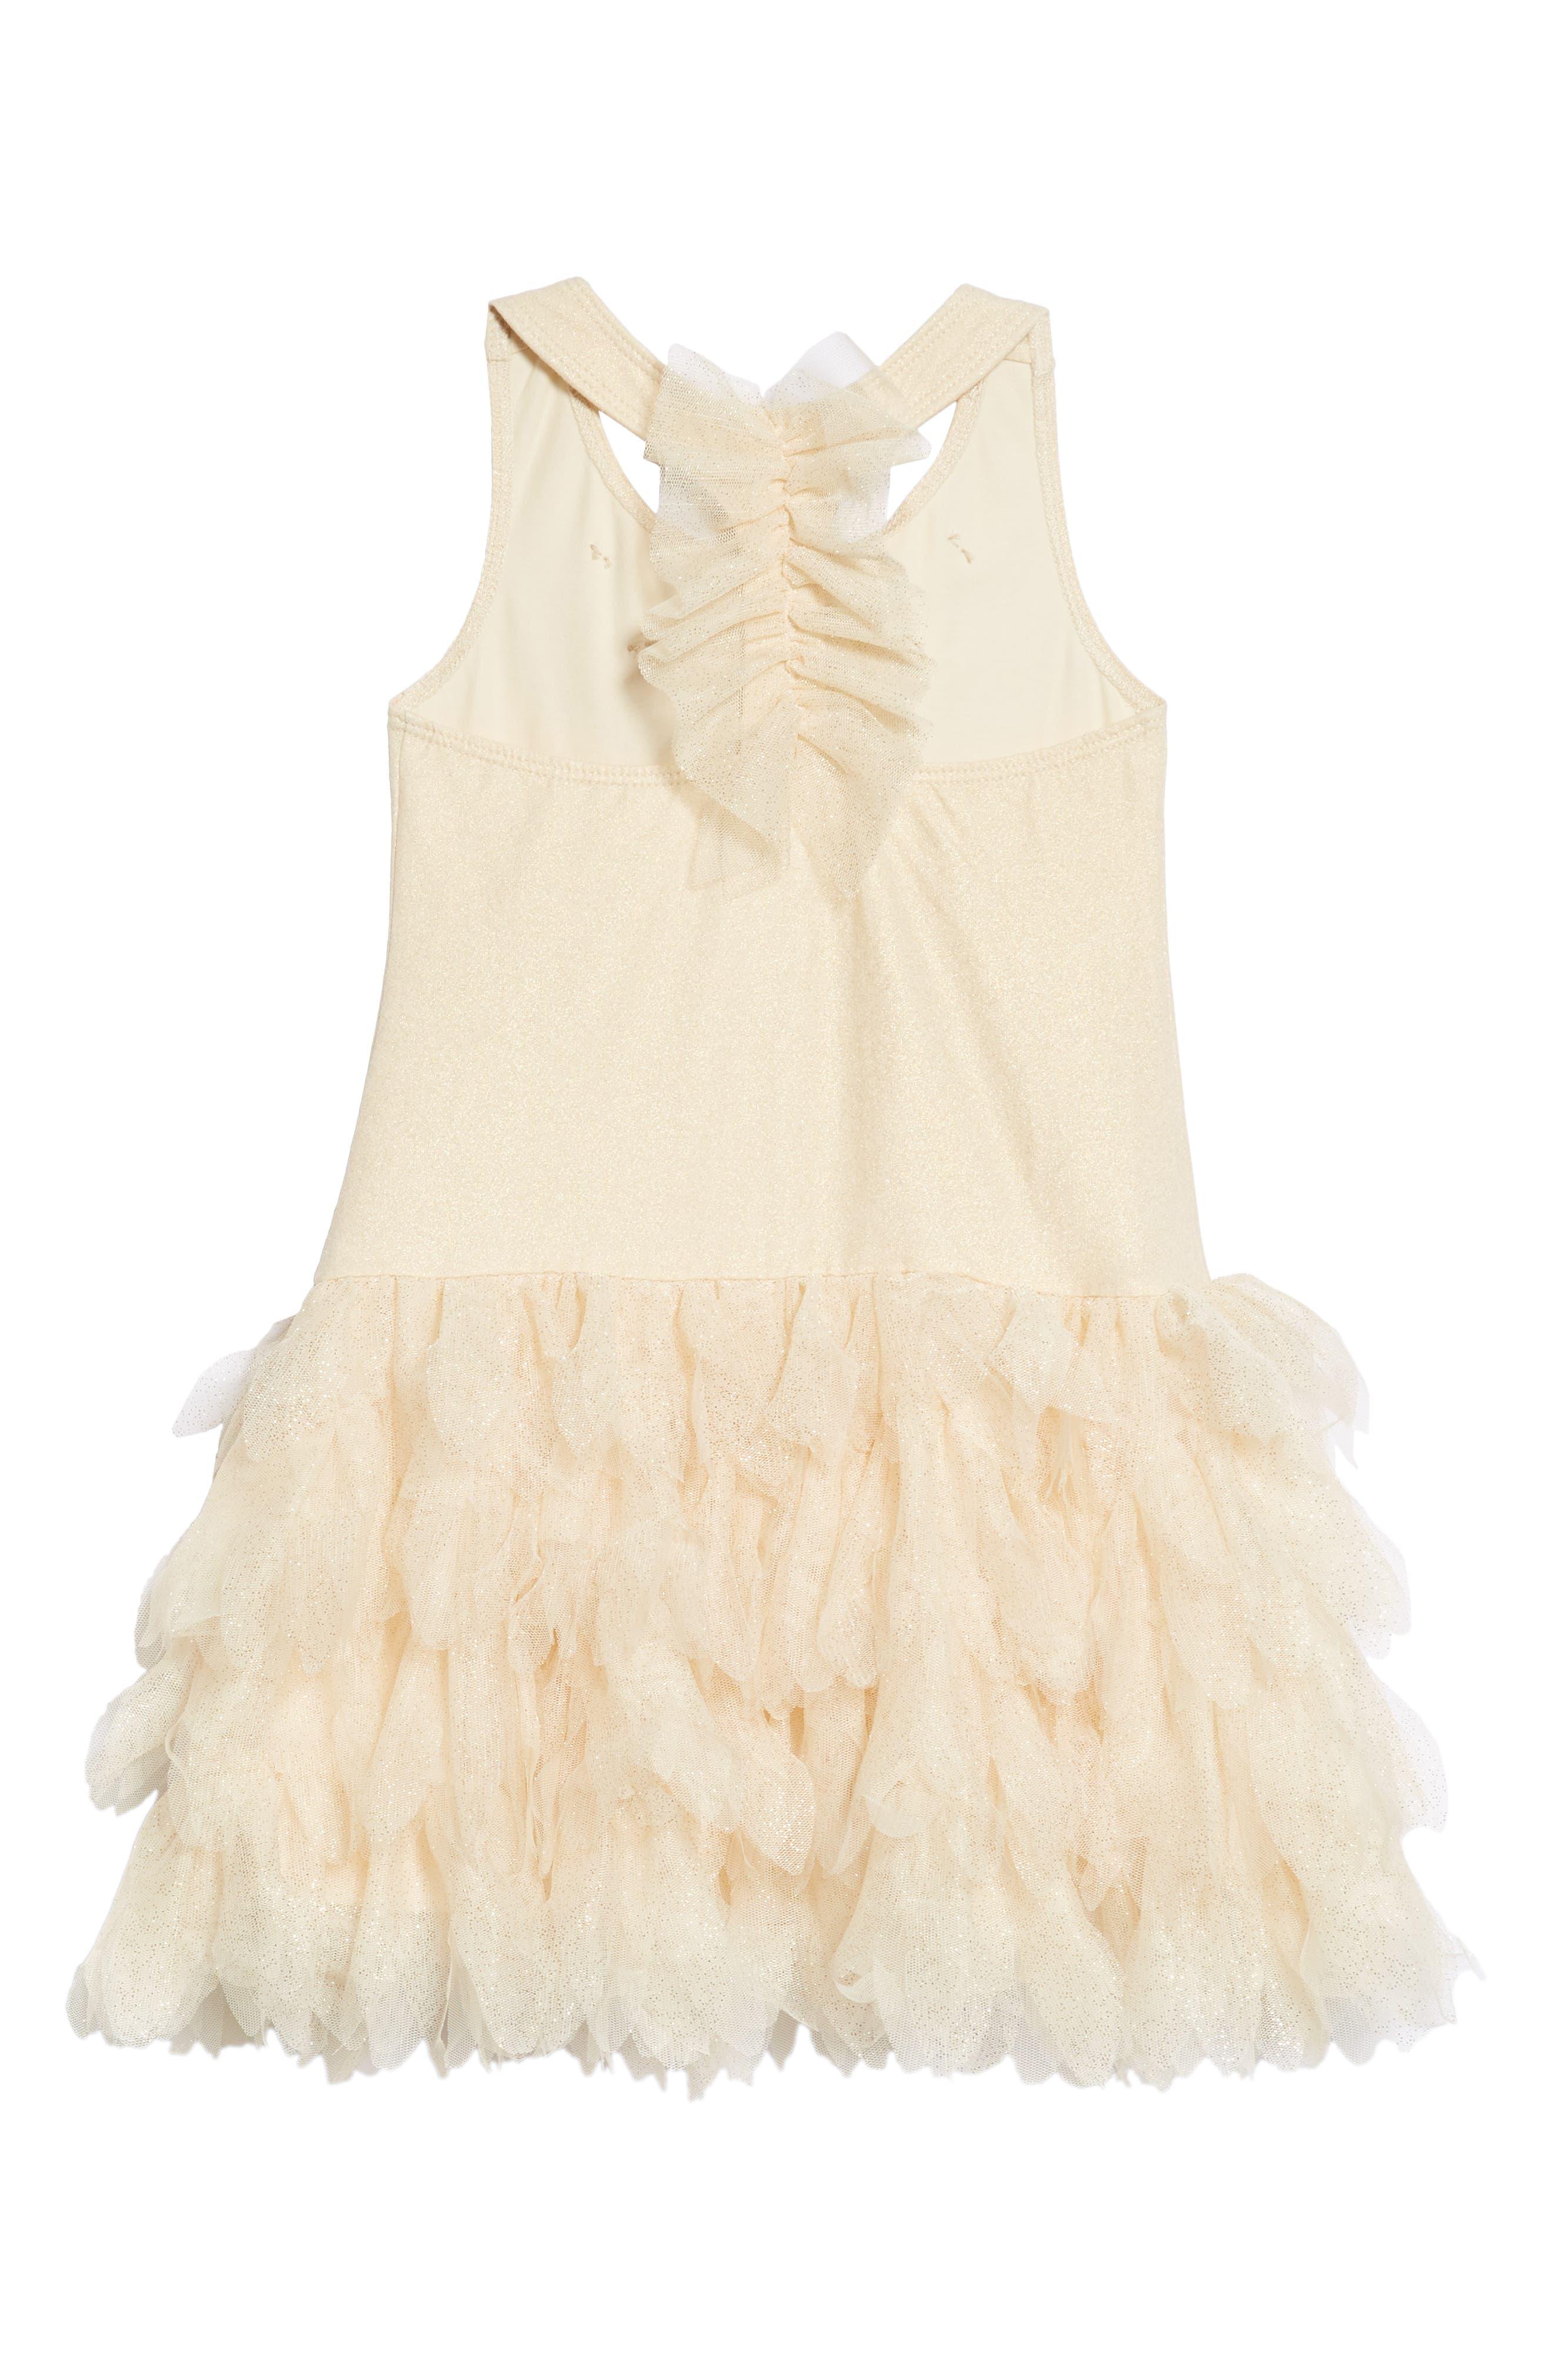 Sleeveless Tulle Dress,                             Alternate thumbnail 2, color,                             Gold